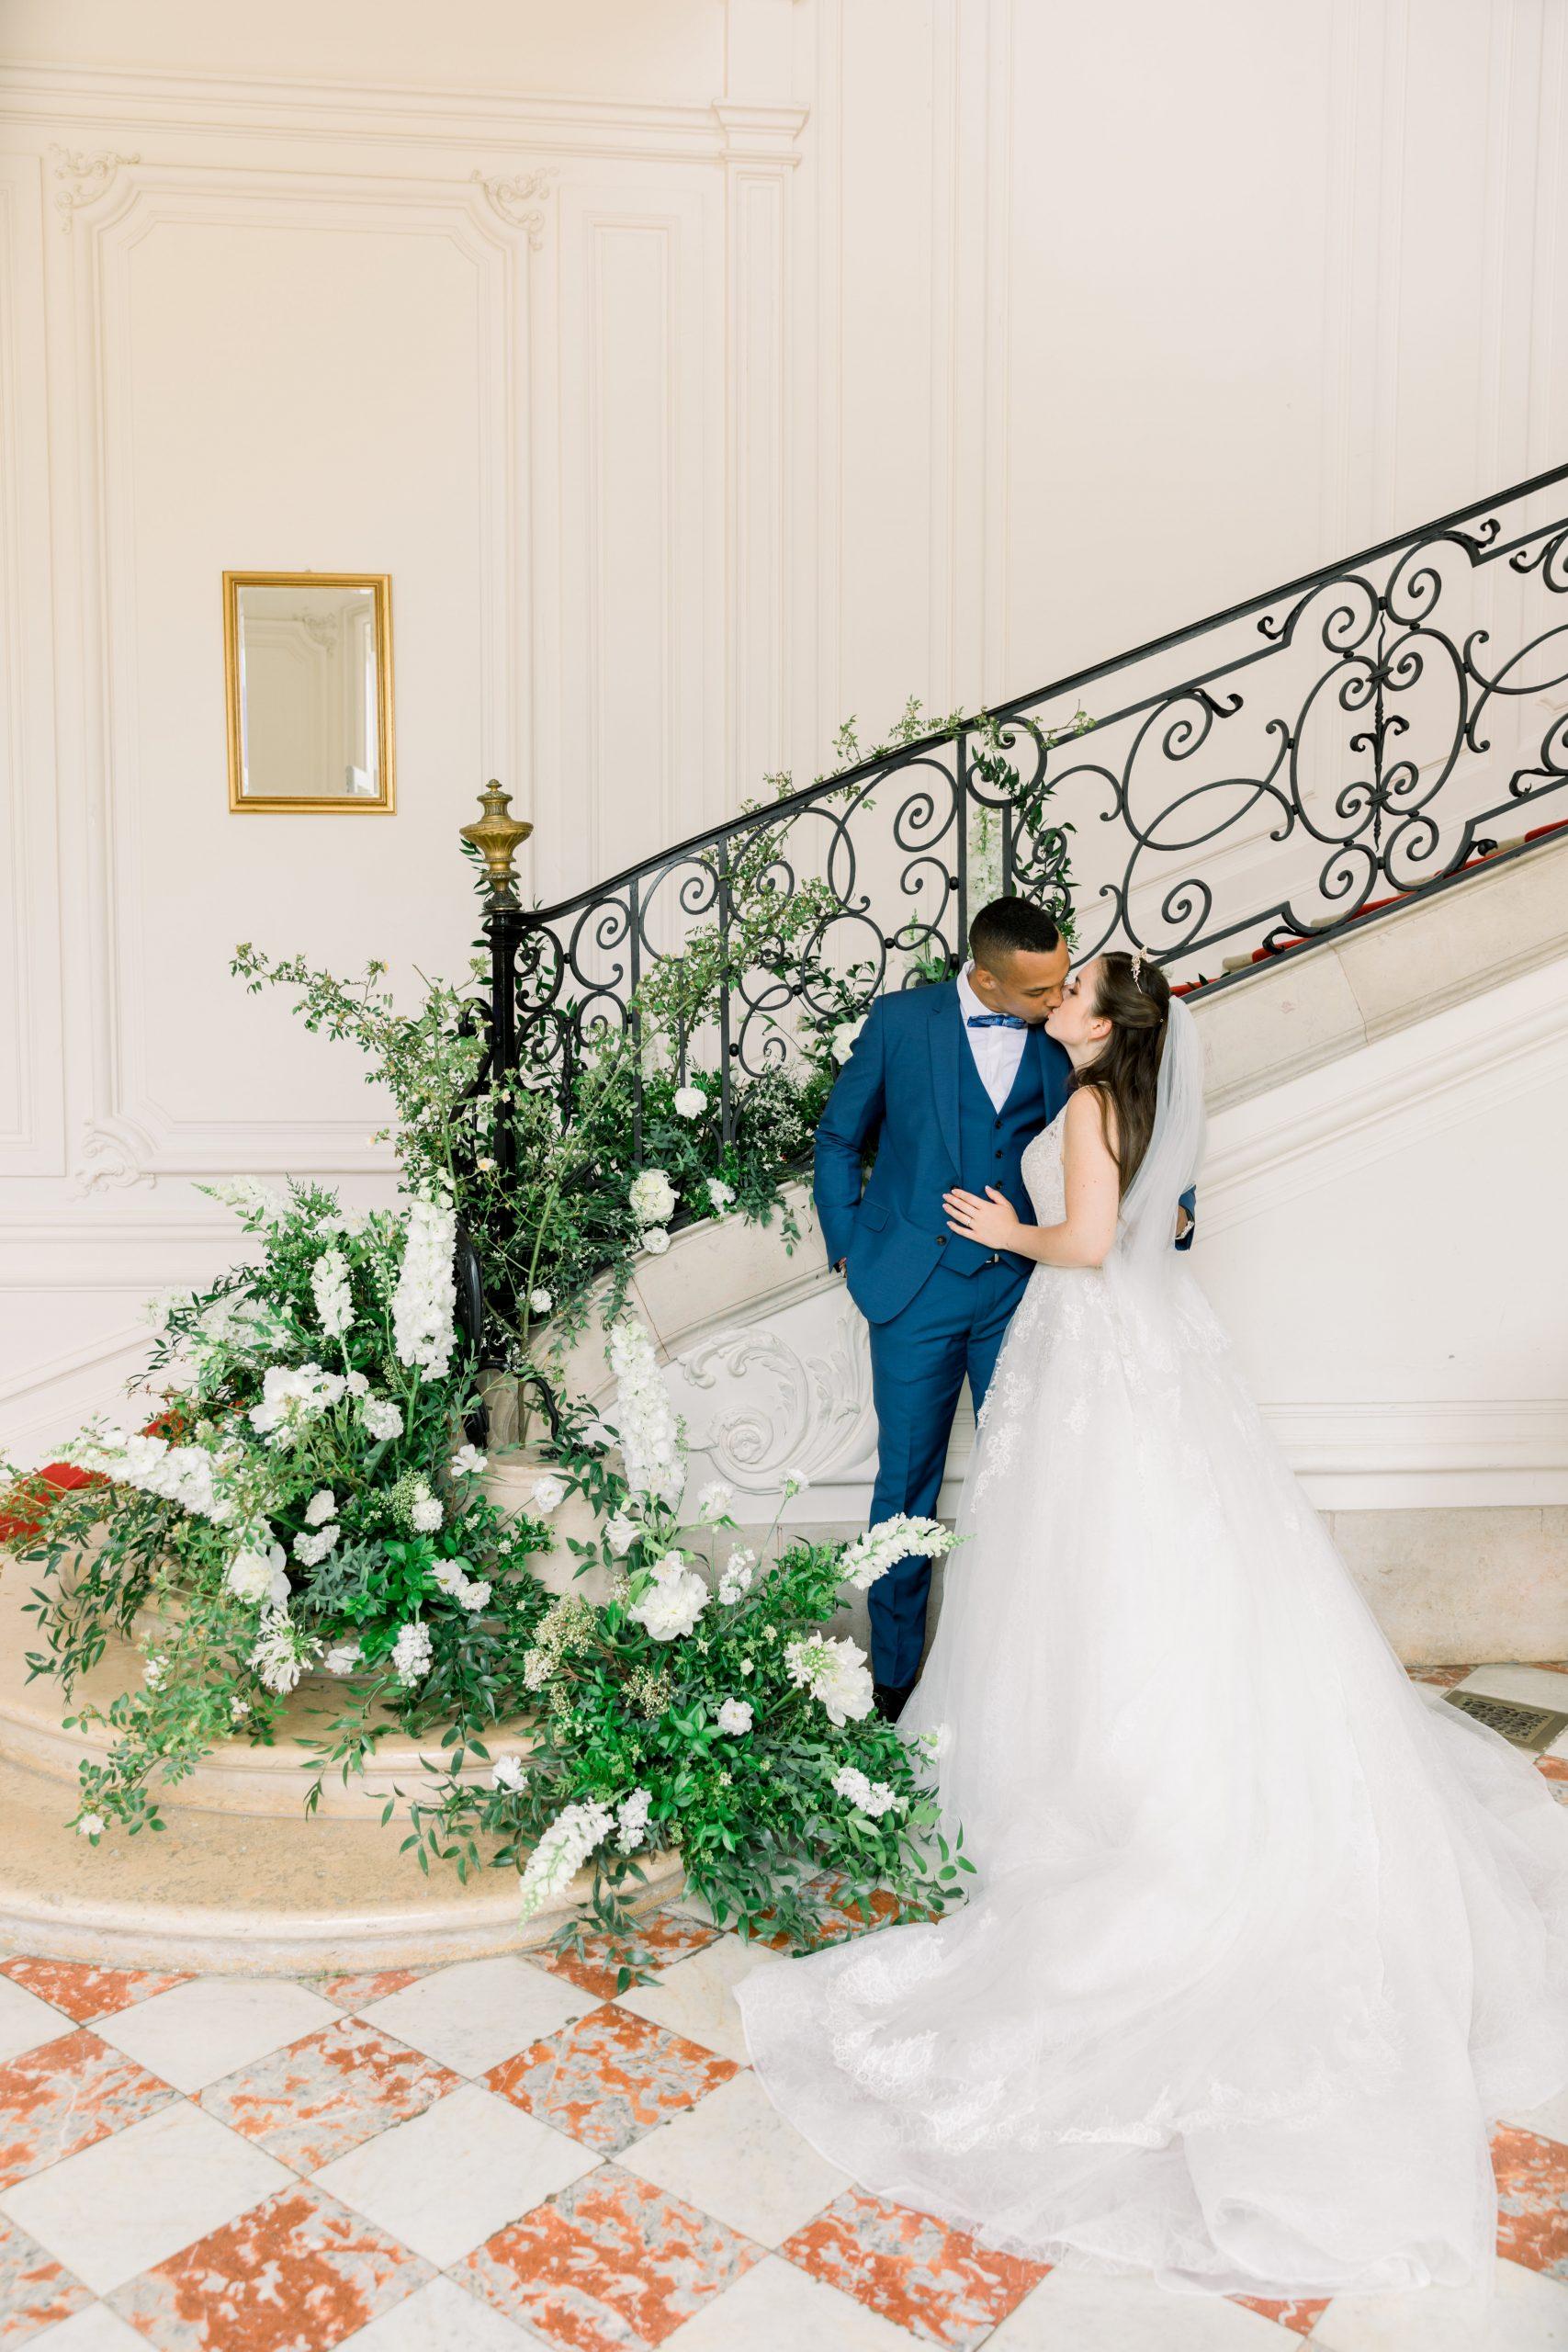 Chateau de Dangu - Justine Huette Wedding planner haut de gamme Paris/Île-de-France